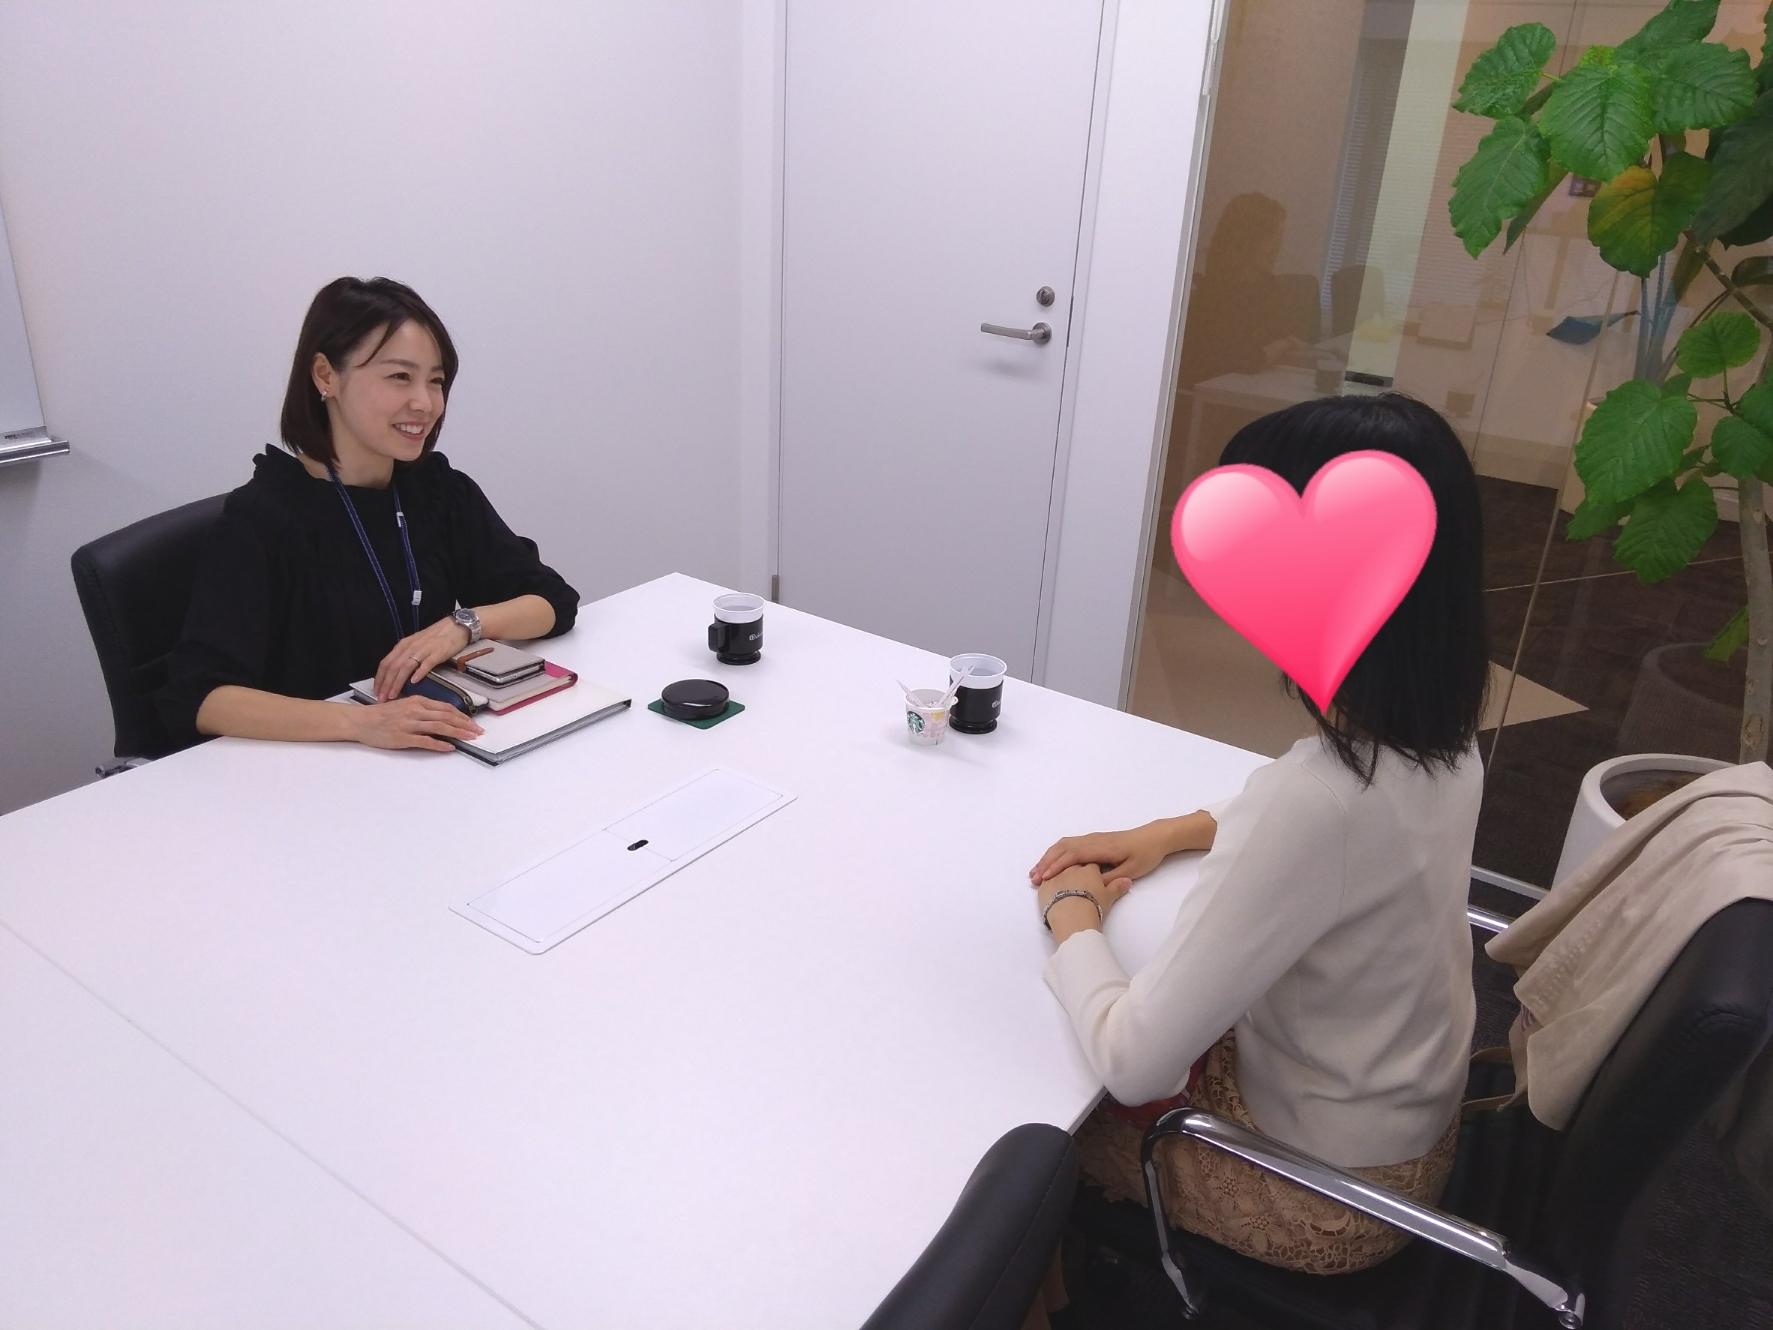 【新規女性会員】清楚な教員28歳です!